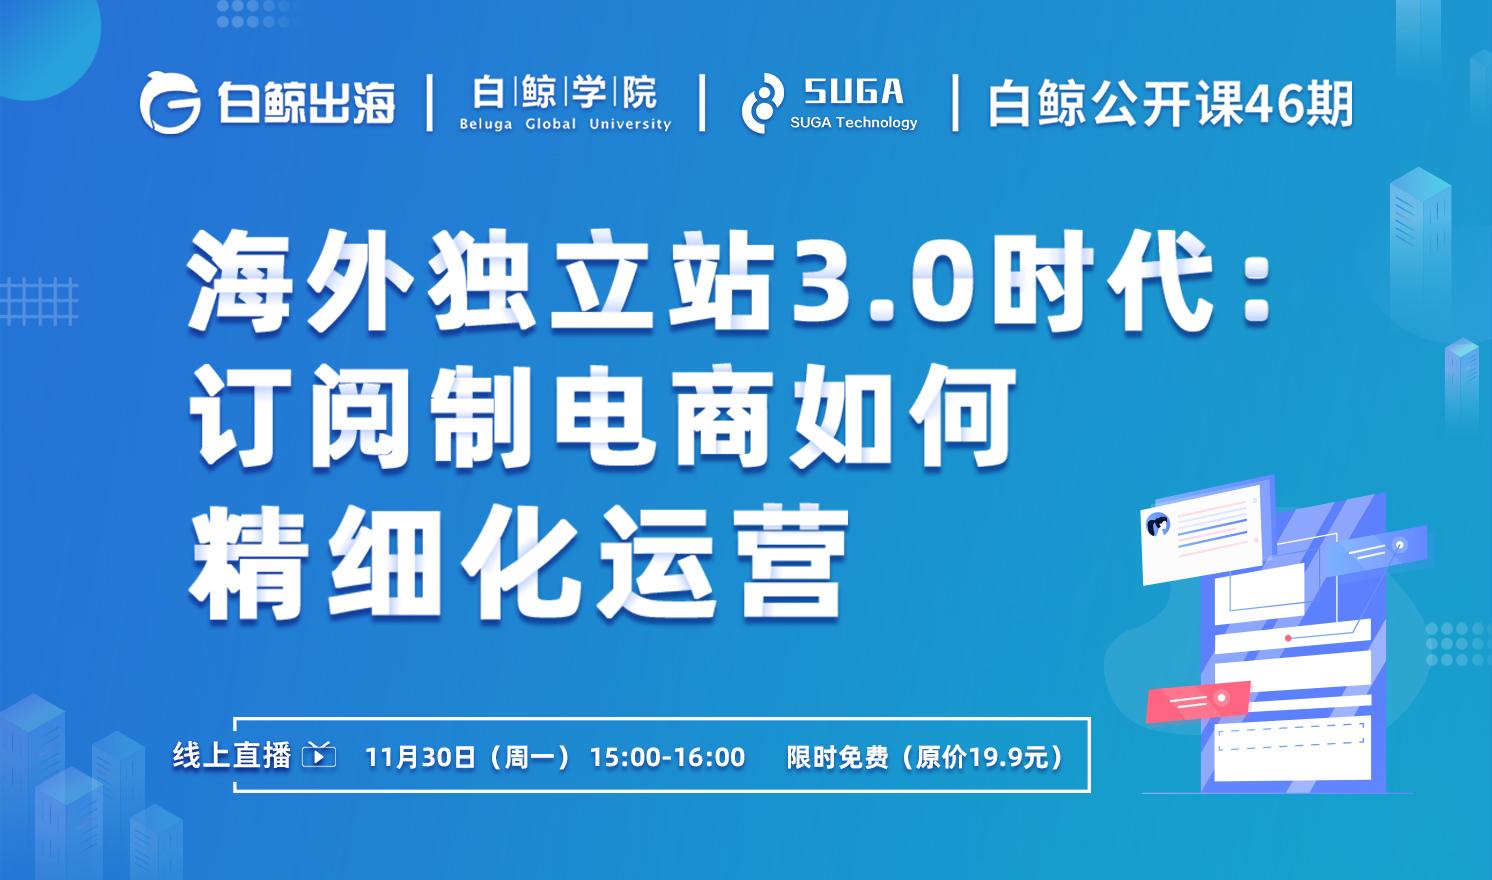 【白鲸公开课46期】海外独立站3.0时代:订阅制电商如何精细化运营(2020-11-30)